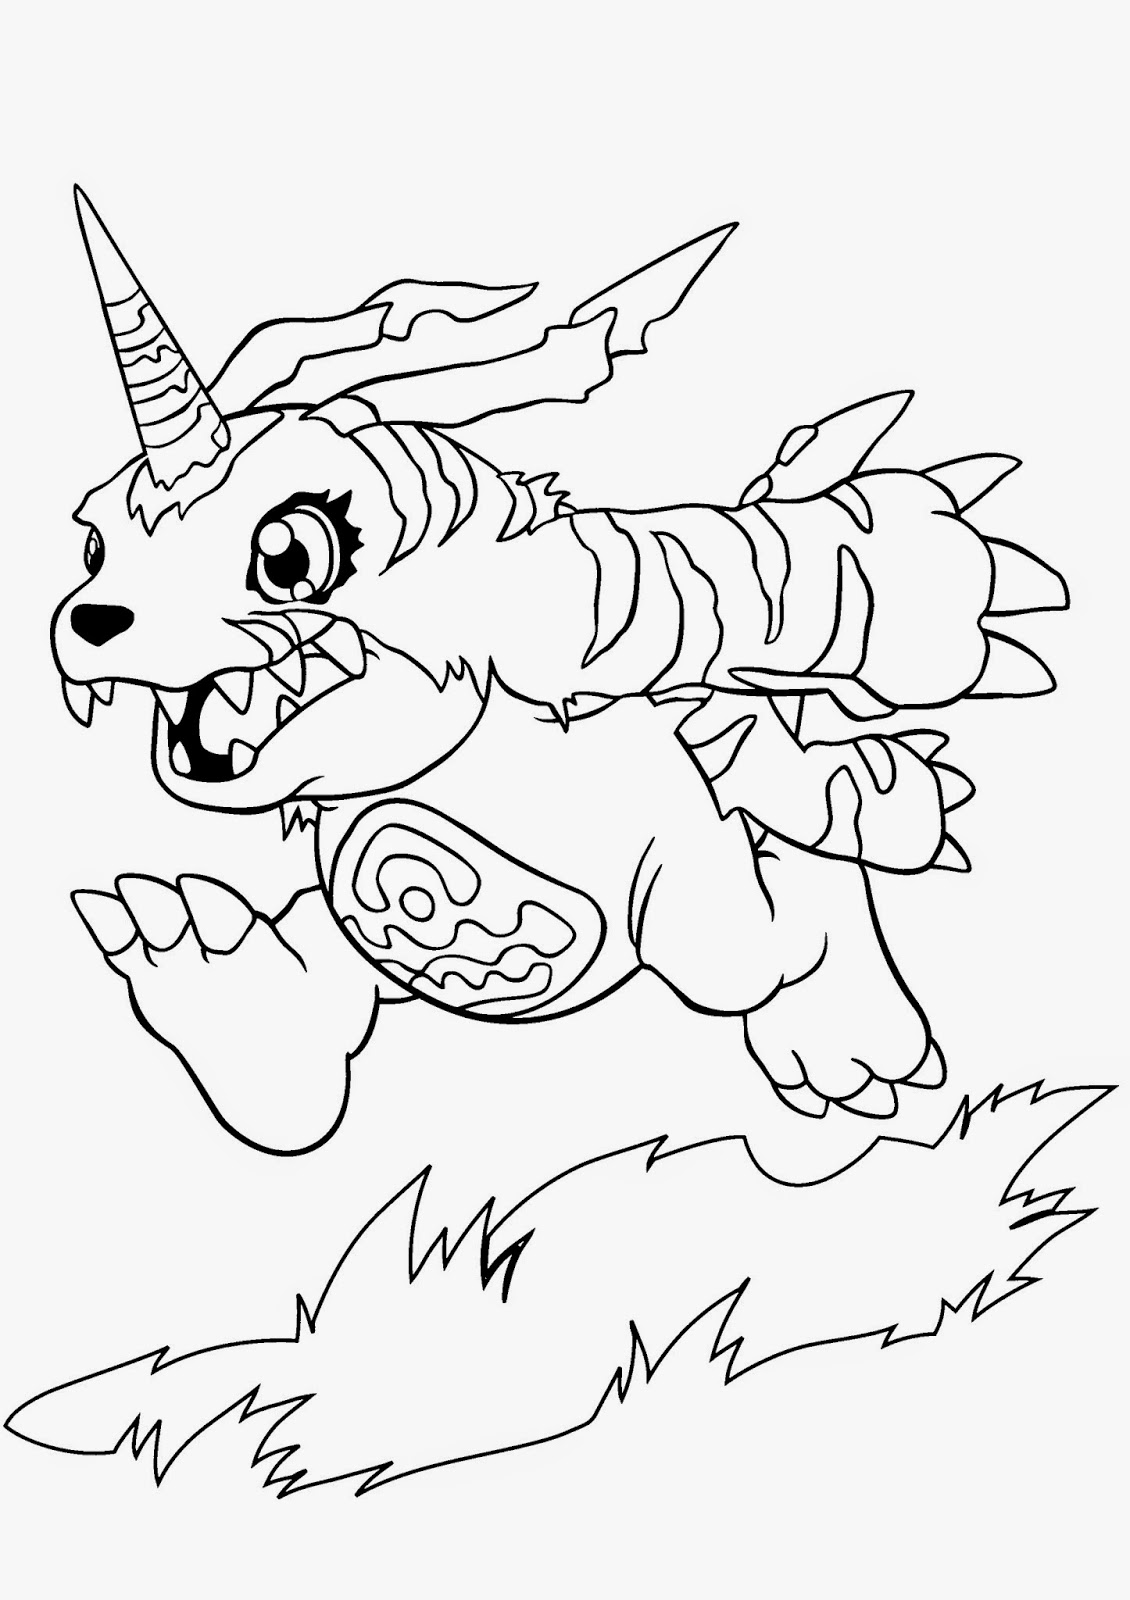 Desenhos Para Colorir E Imprimir Desenhos Digimon Para Colorir E Imprimir